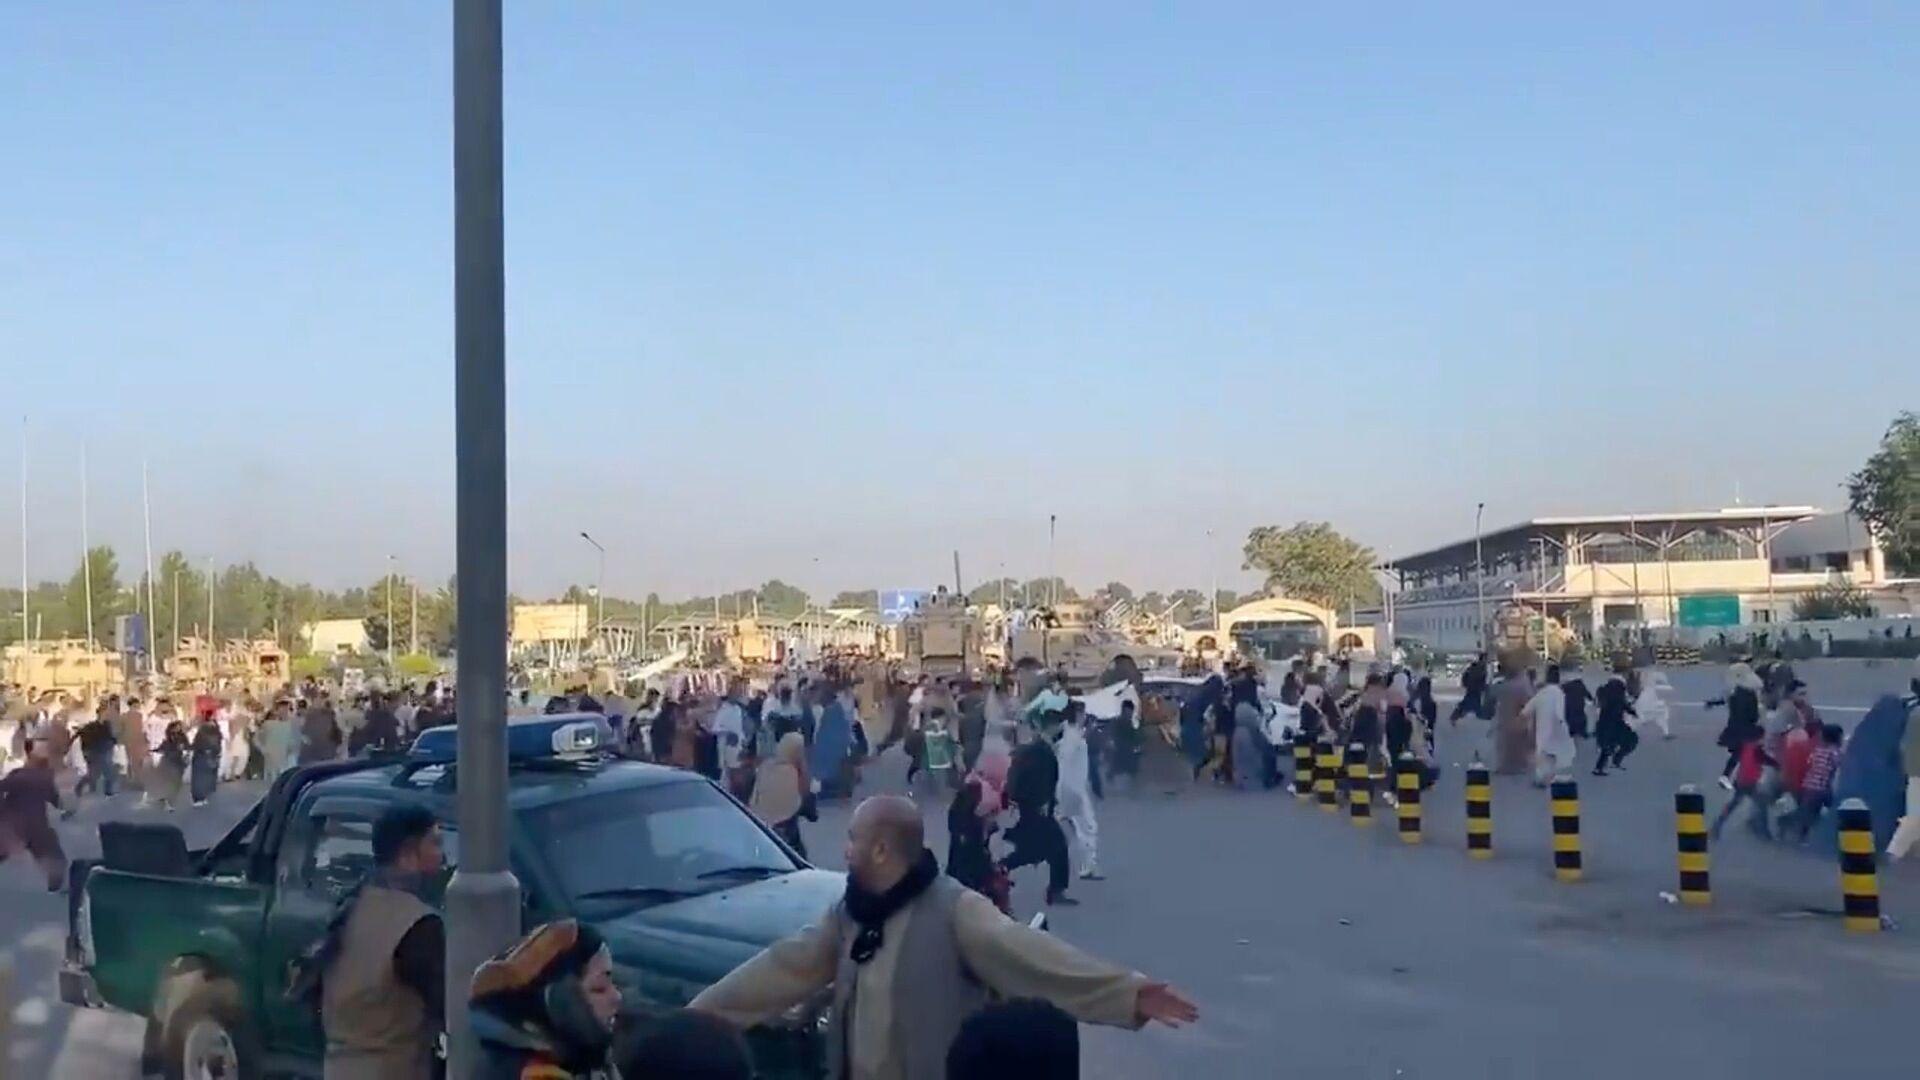 Tłum biegnie do terminalu lotniska w Kabulu po tym, jak bojownicy Taliban* przejęli kontrolę nad pałacem prezydenckim  - Sputnik Polska, 1920, 16.08.2021